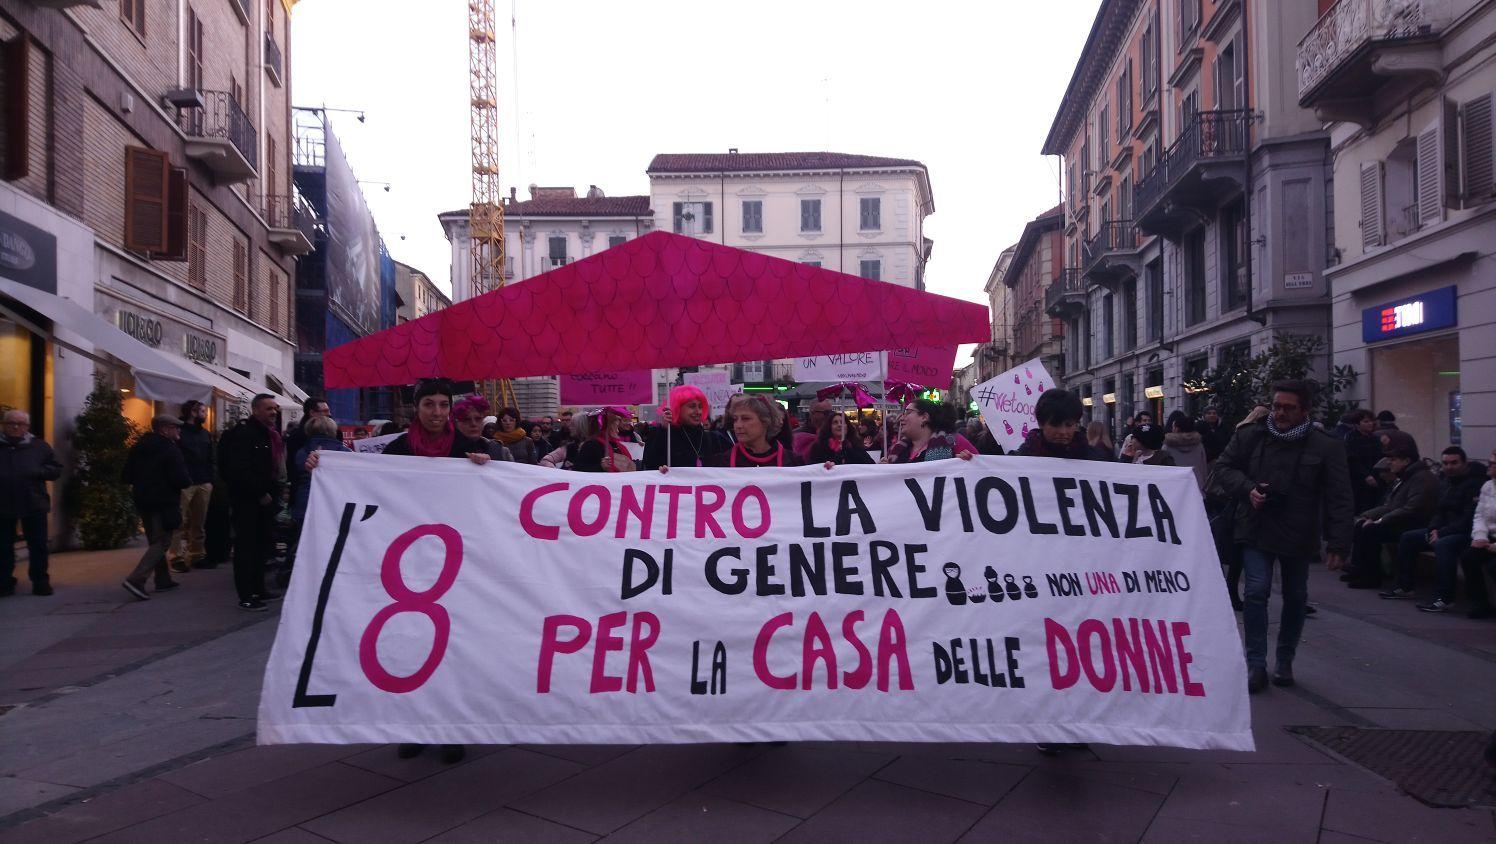 L'8 marzo contro la violenza di genere, per una casa delle donne